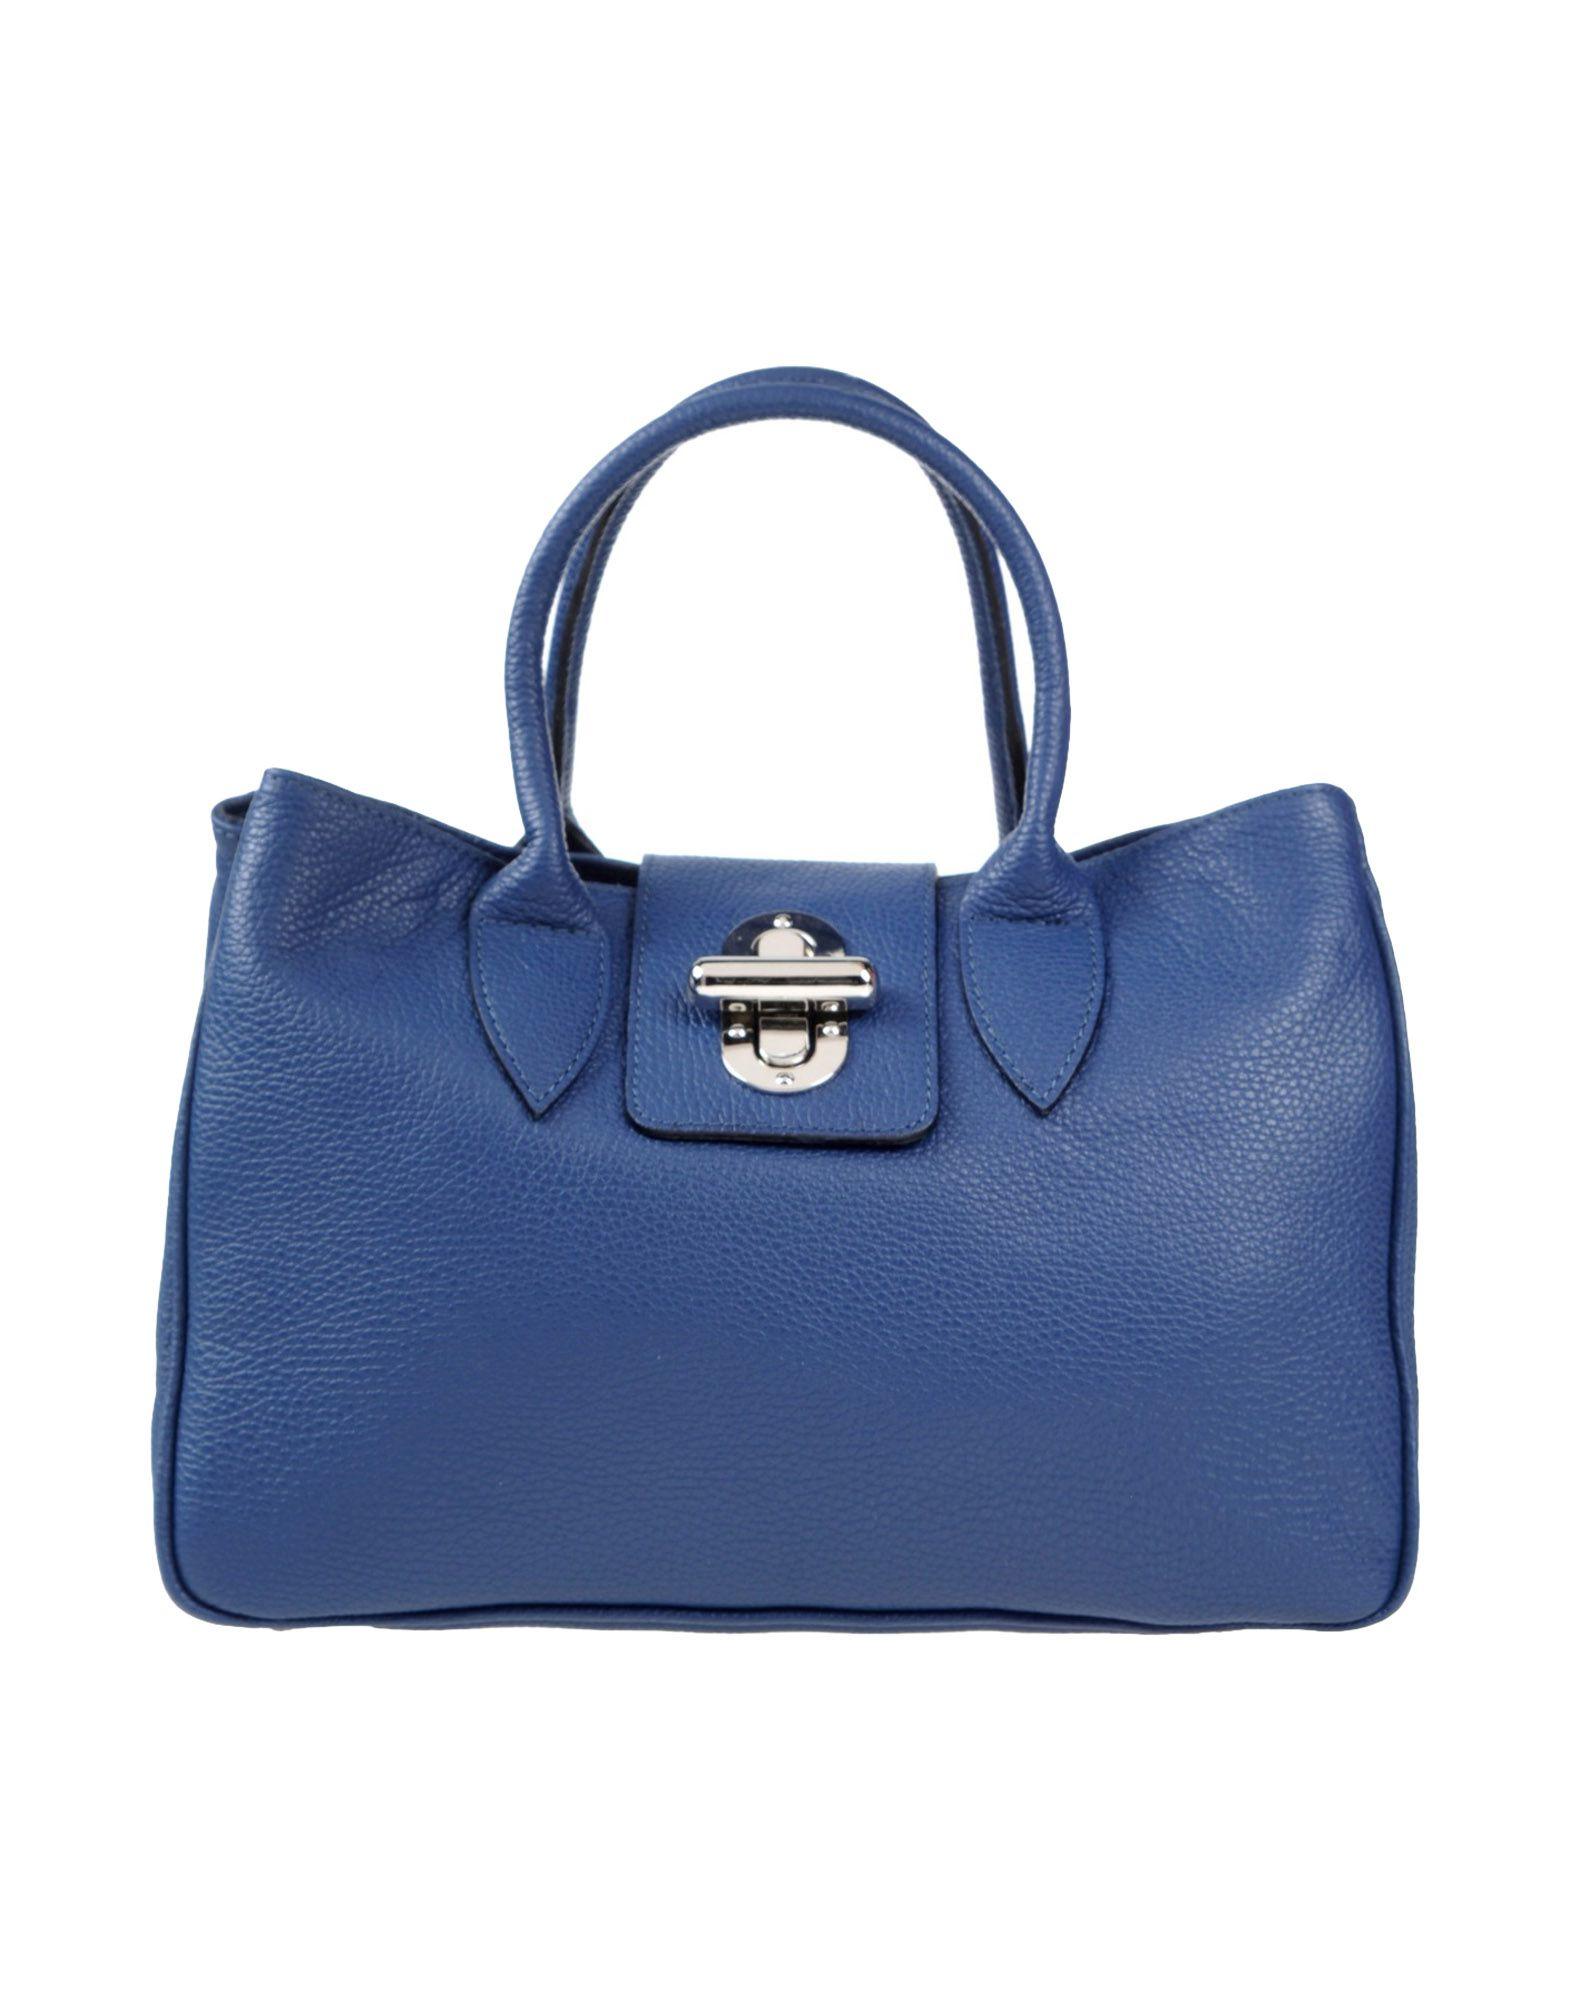 Parentesi Handbag In Blue Lyst